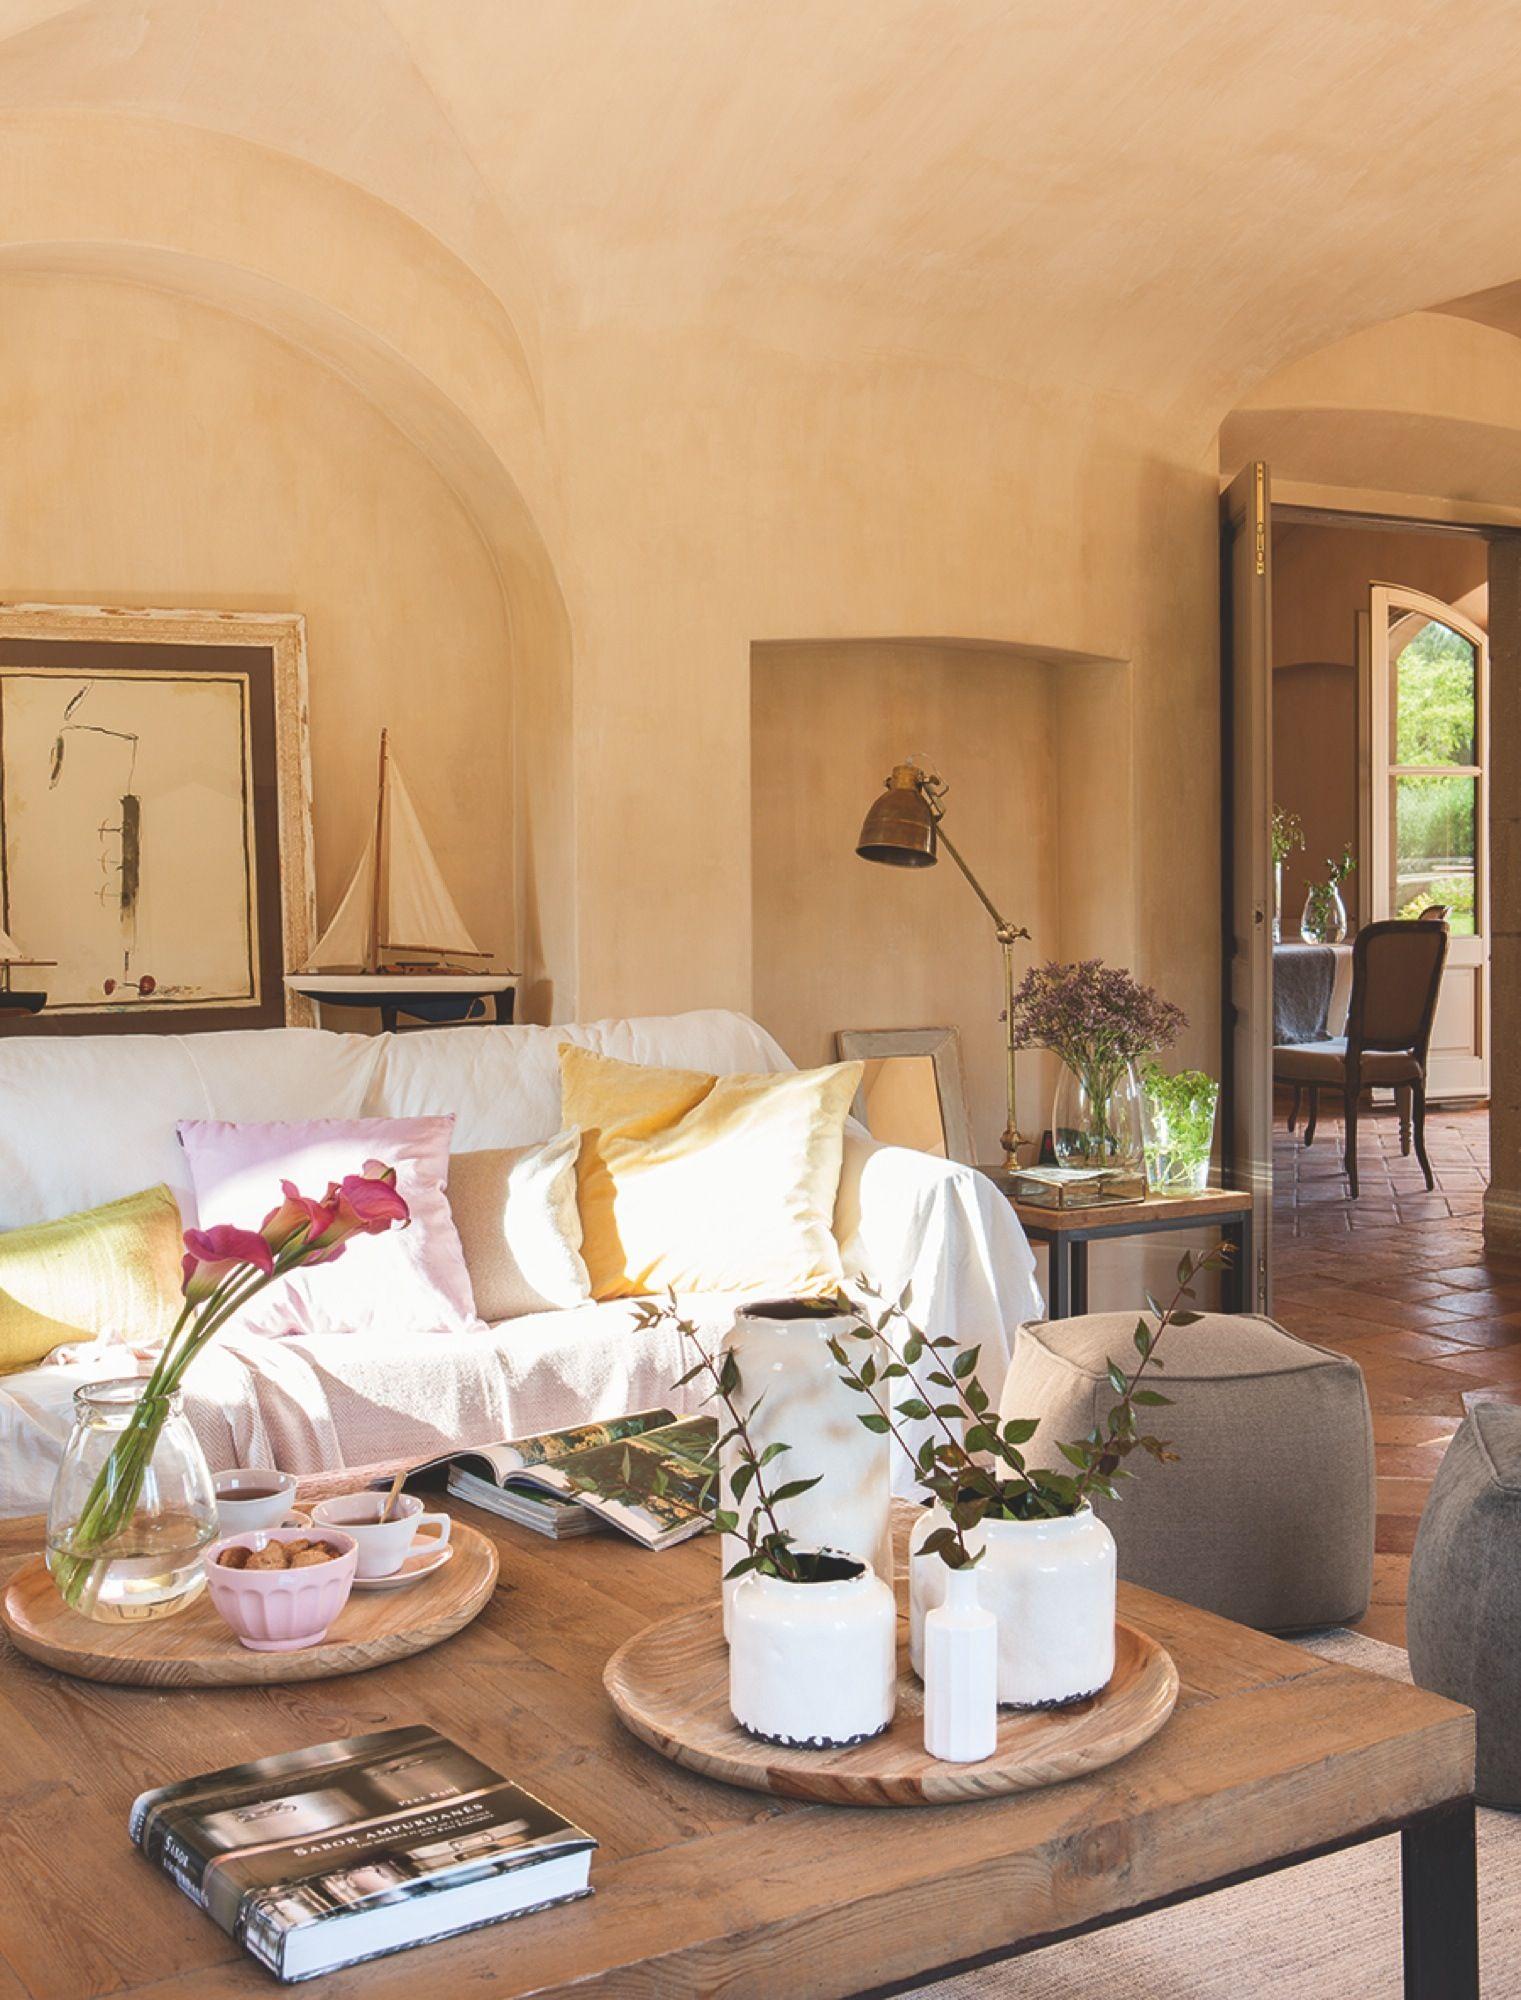 C lido y acogedor home masia casas y salones - Bandejas decoracion salon ...